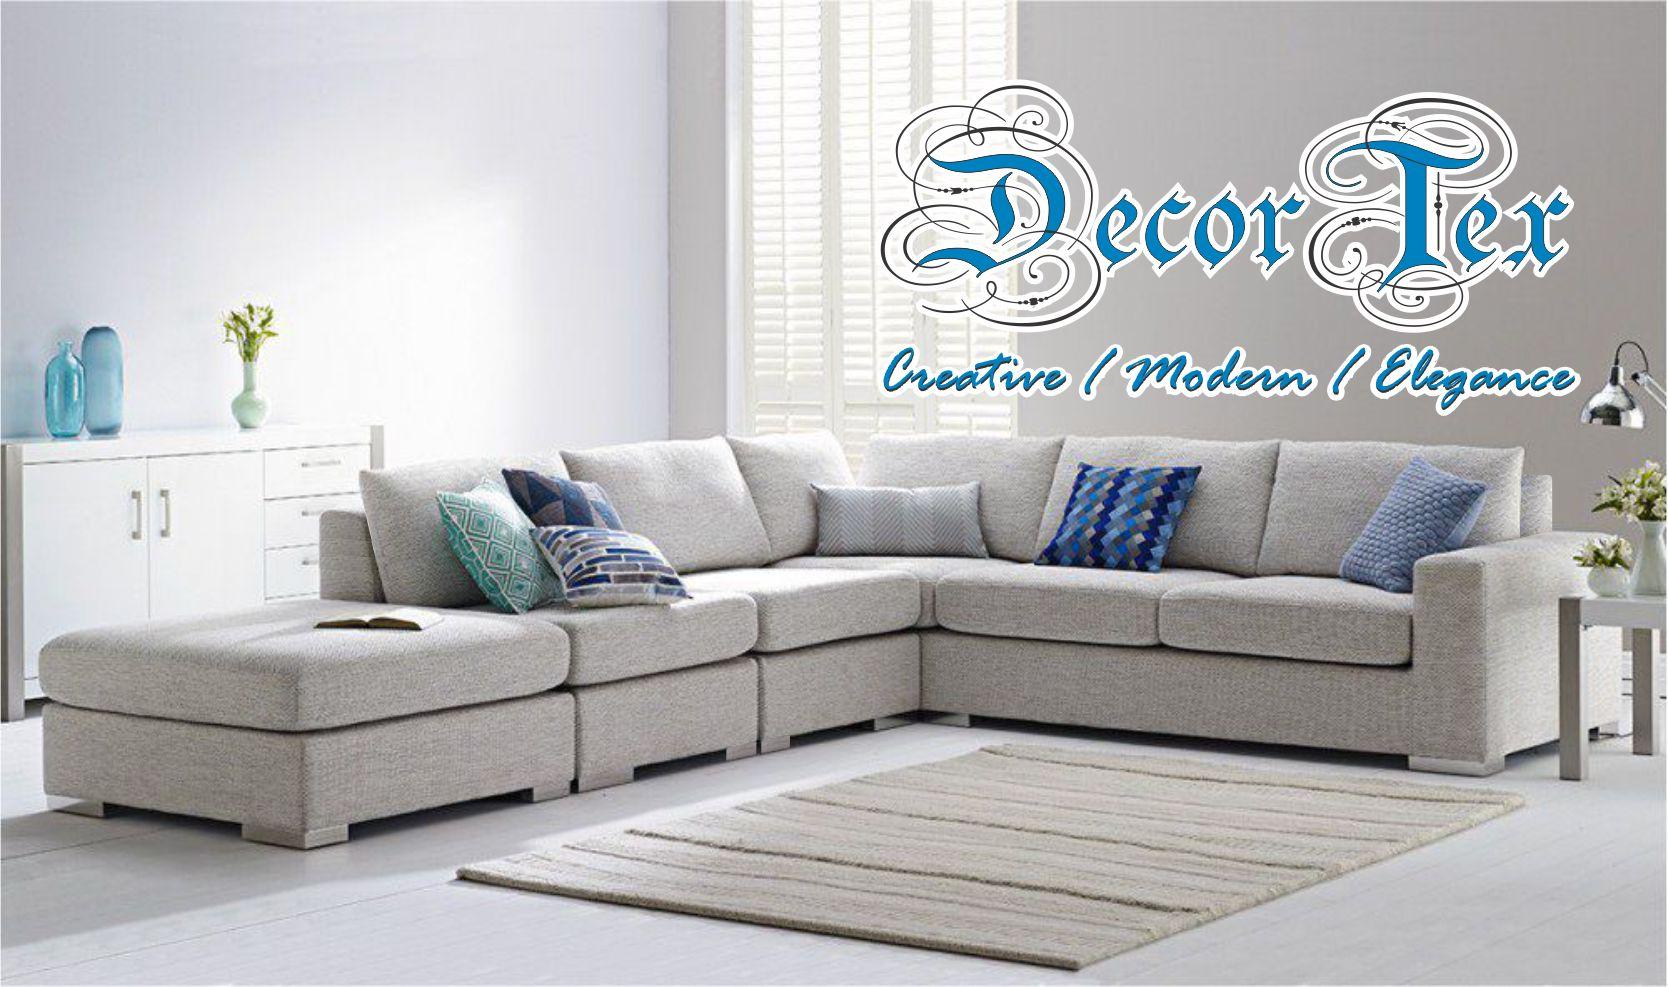 Millanno Lounge Suites DecorTex